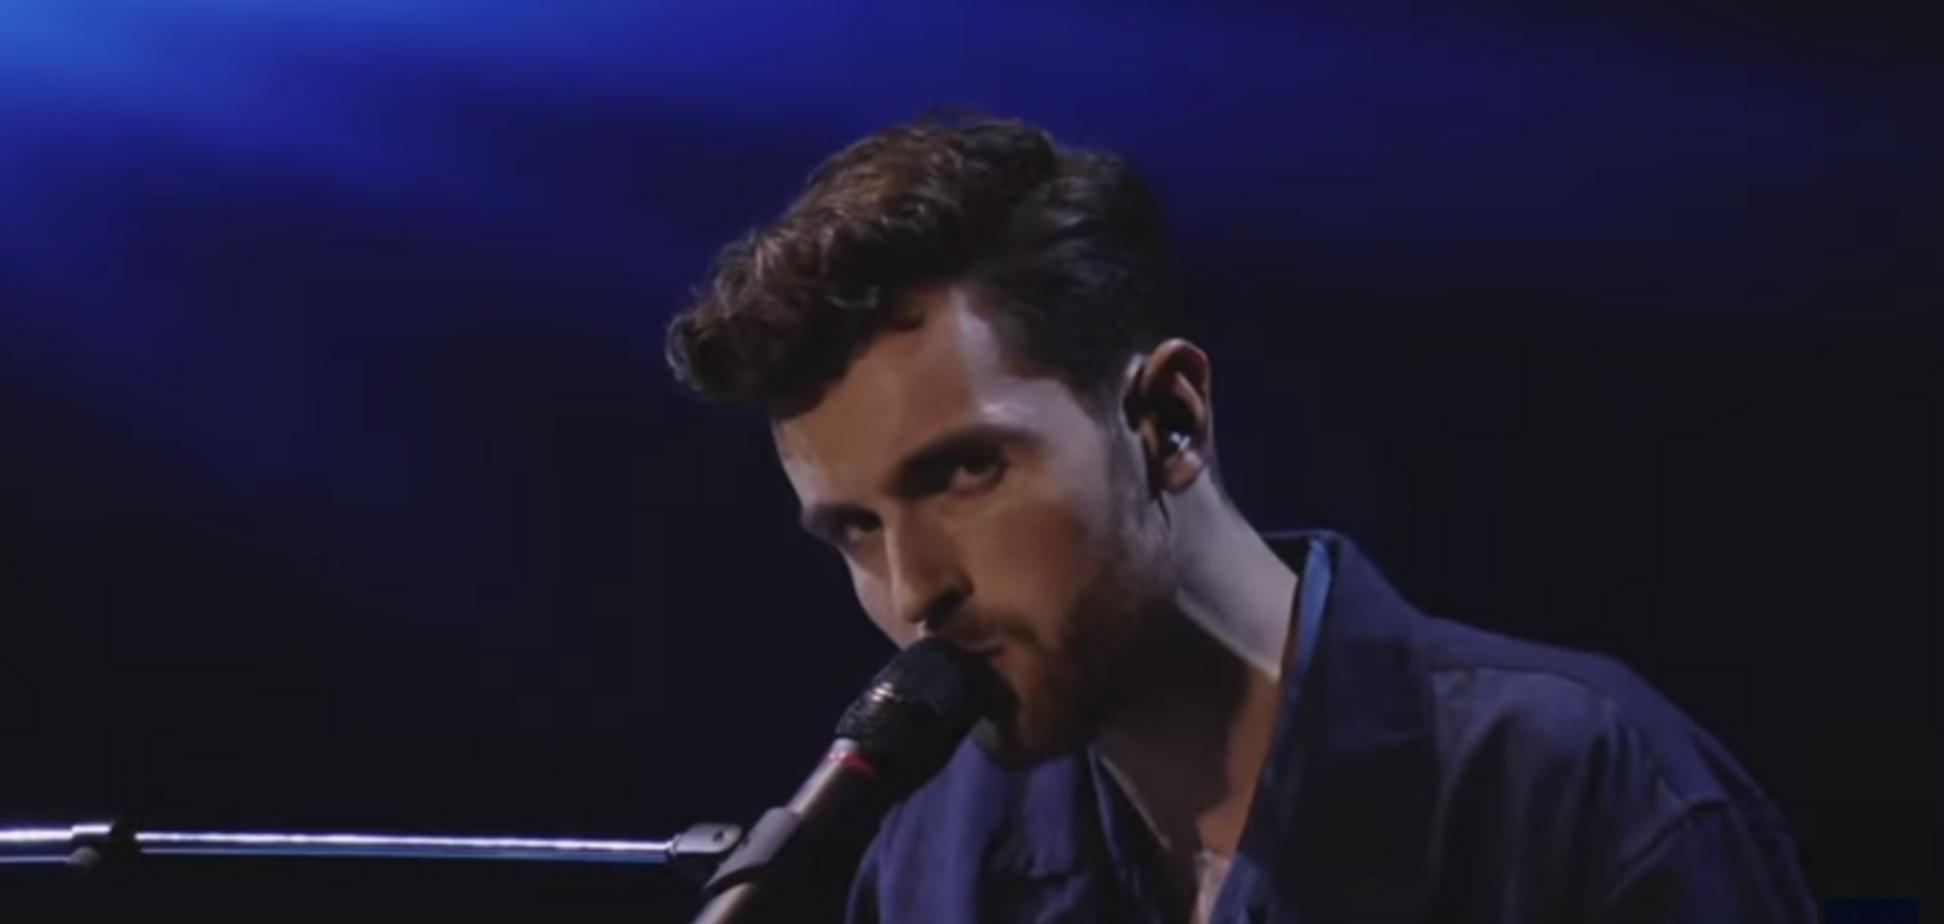 Євробачення-2019: як виступив переможець Дункан Лоуренс